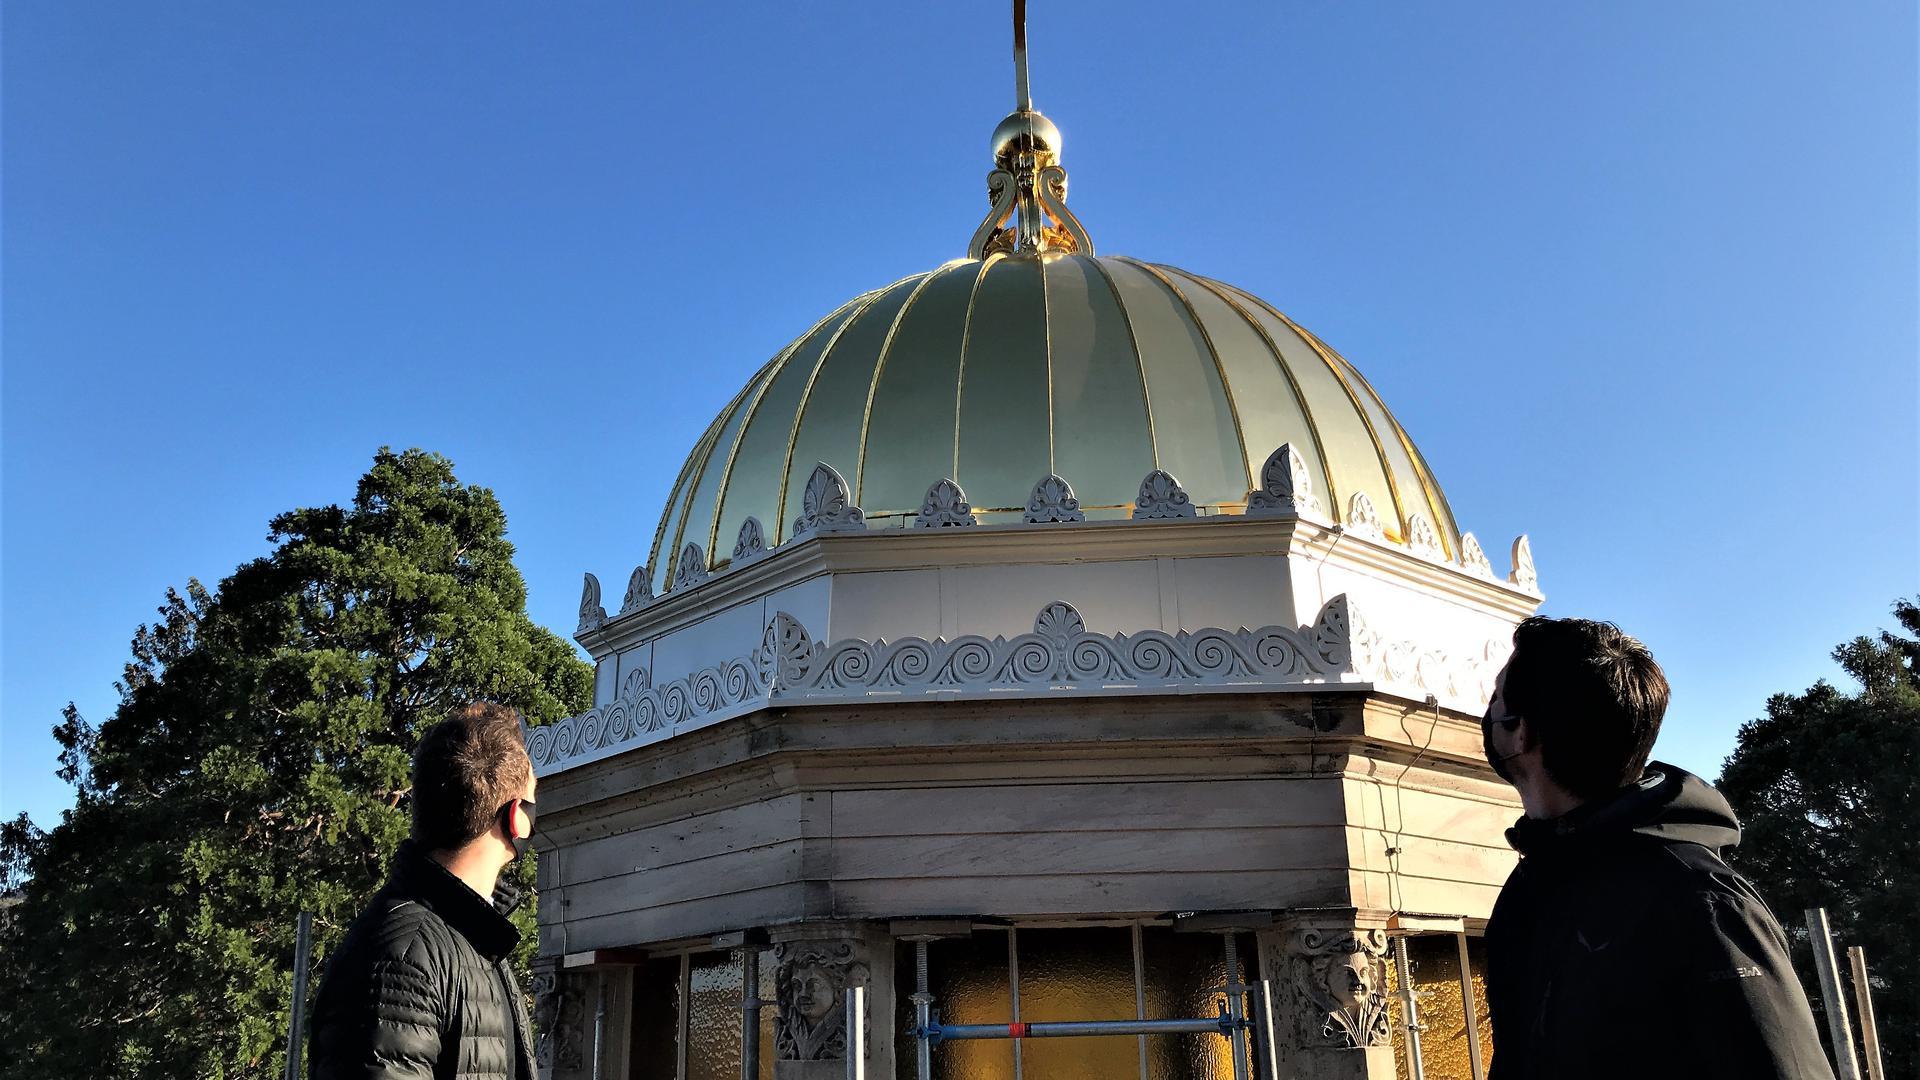 Maximilian Bürkle (links) und Björn Käckell vom städtischen Gebäudemanagement begutachten die frisch vergoldete Laterne auf der Dachkuppel der Stourdza-Kapelle Baden-Baden.